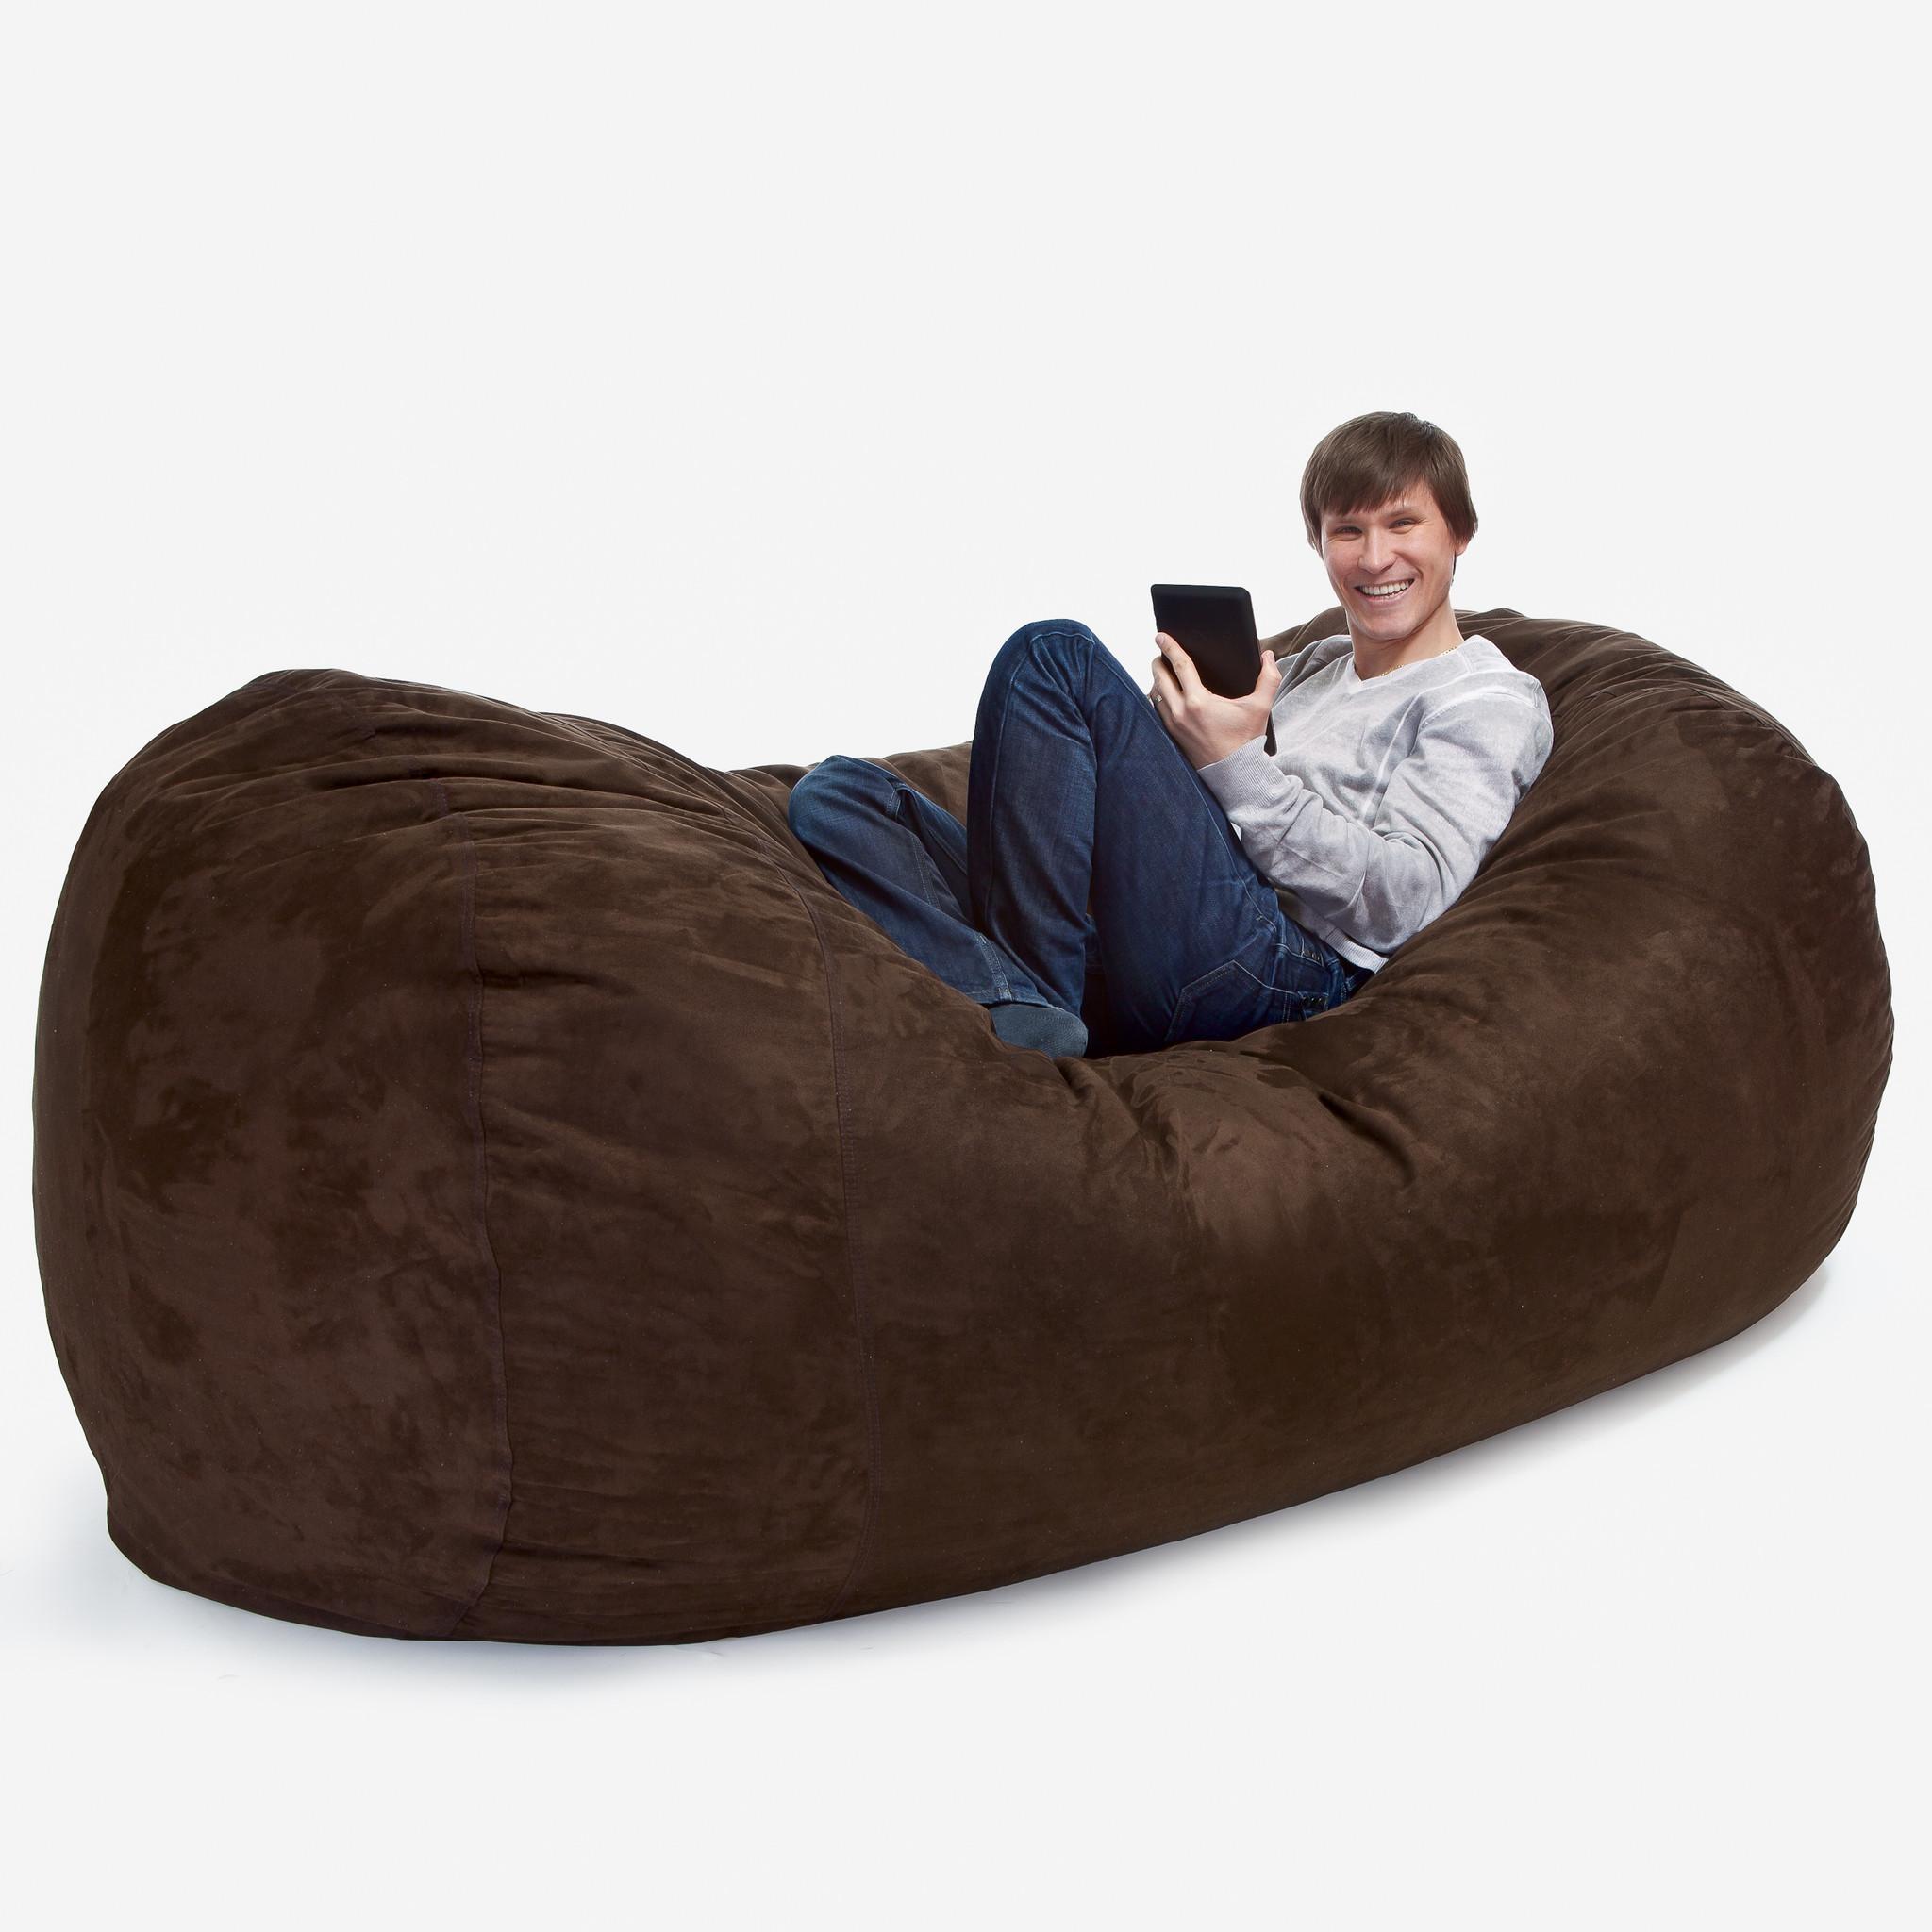 7 Classy, Adult Bean Bags -Room & Bath regarding Bean Bag Sofa Chairs